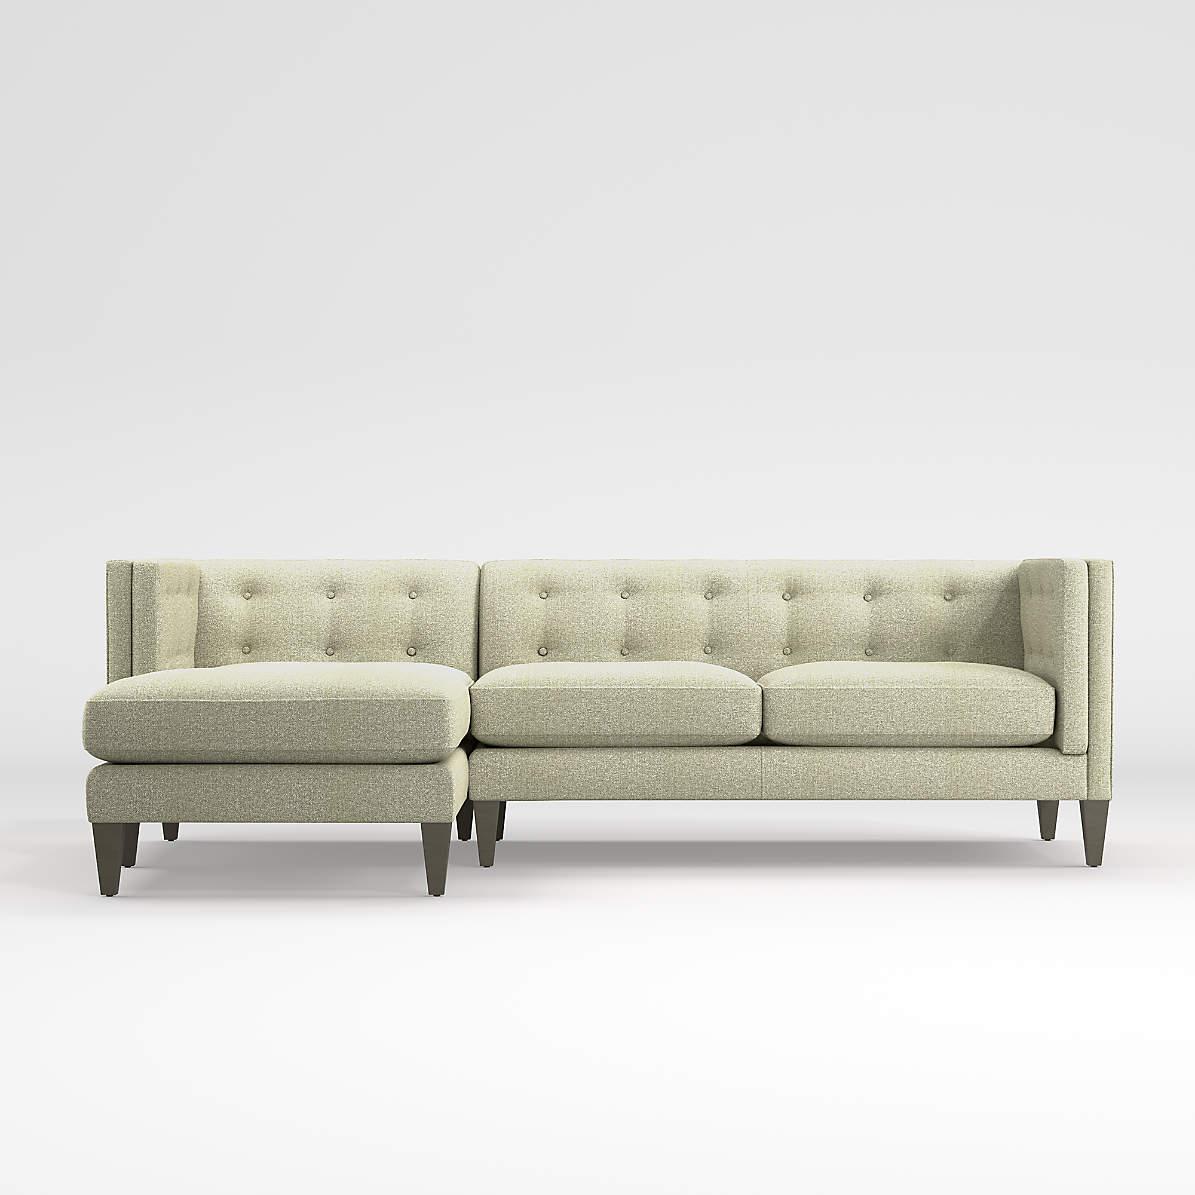 aidan grey 2 piece sectional sofa reviews crate and barrel